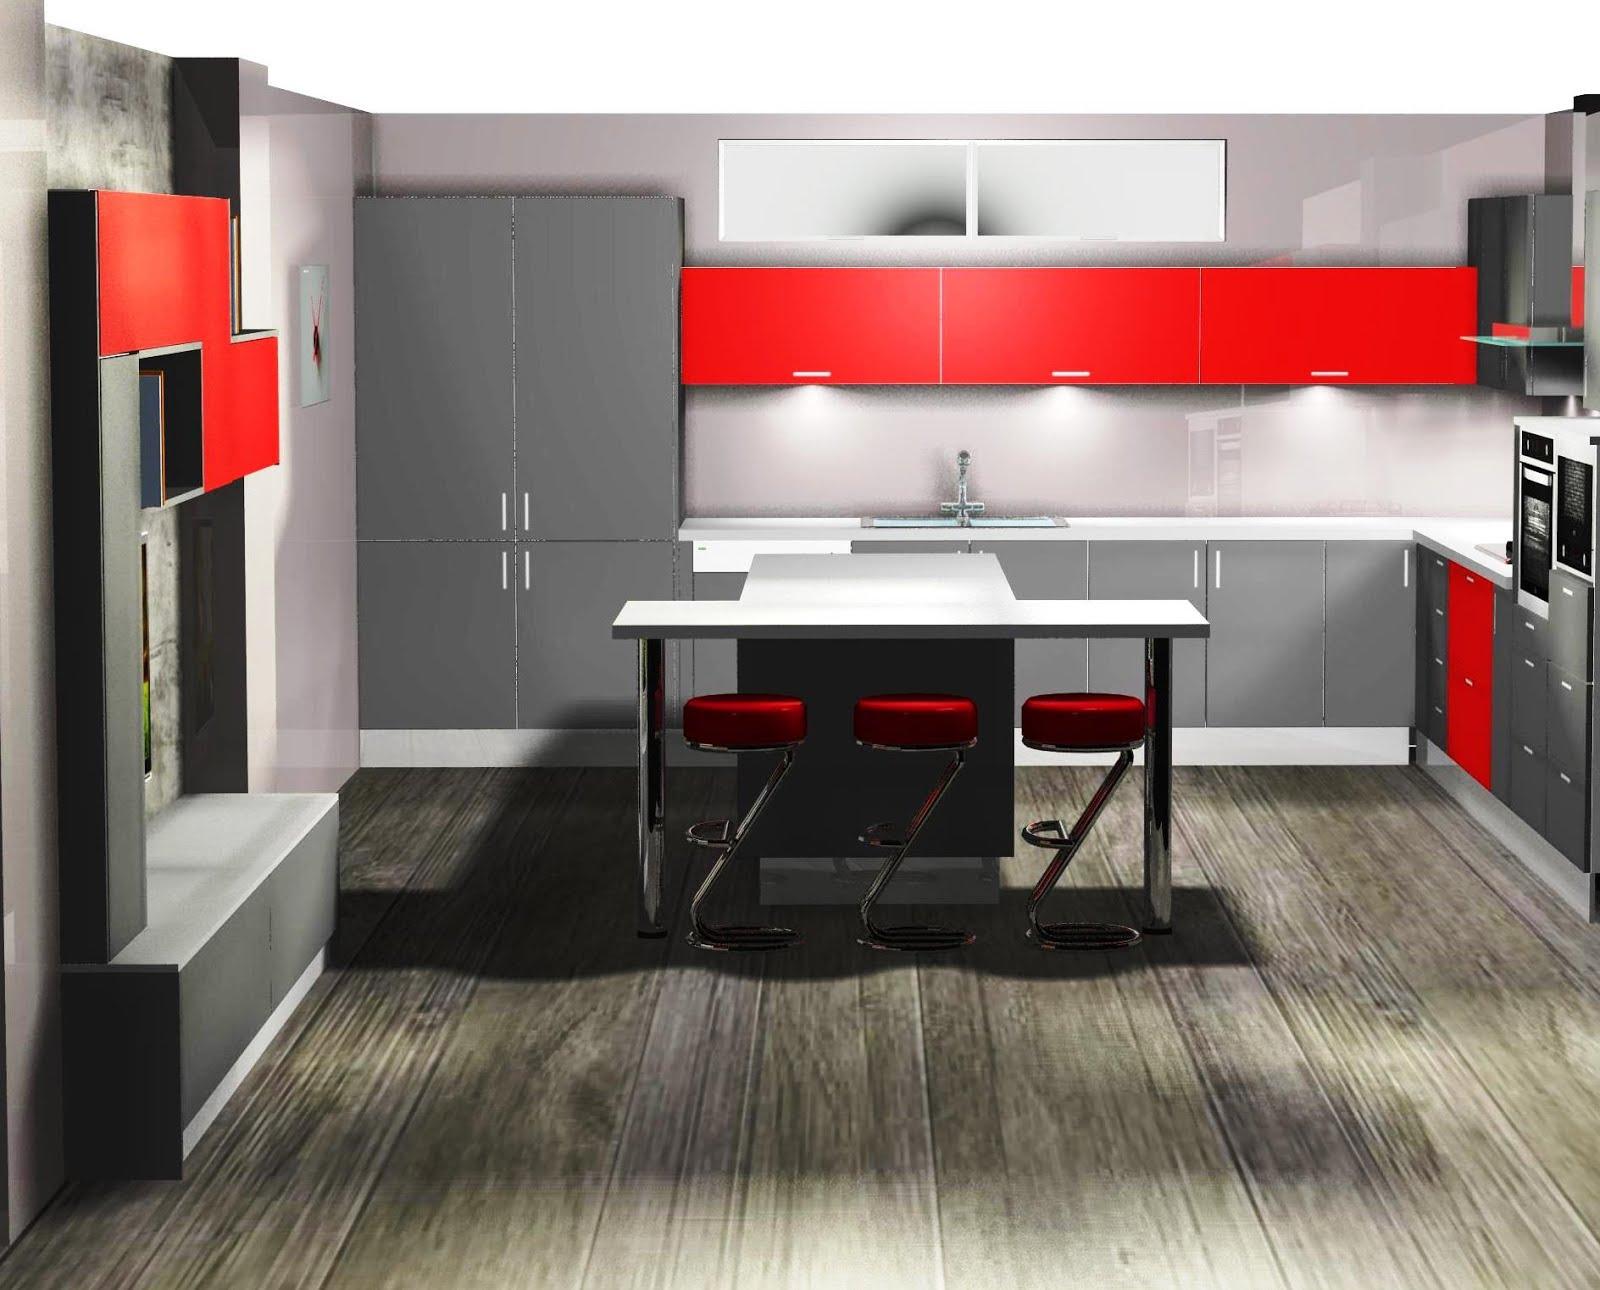 Cocina en gris y rojo